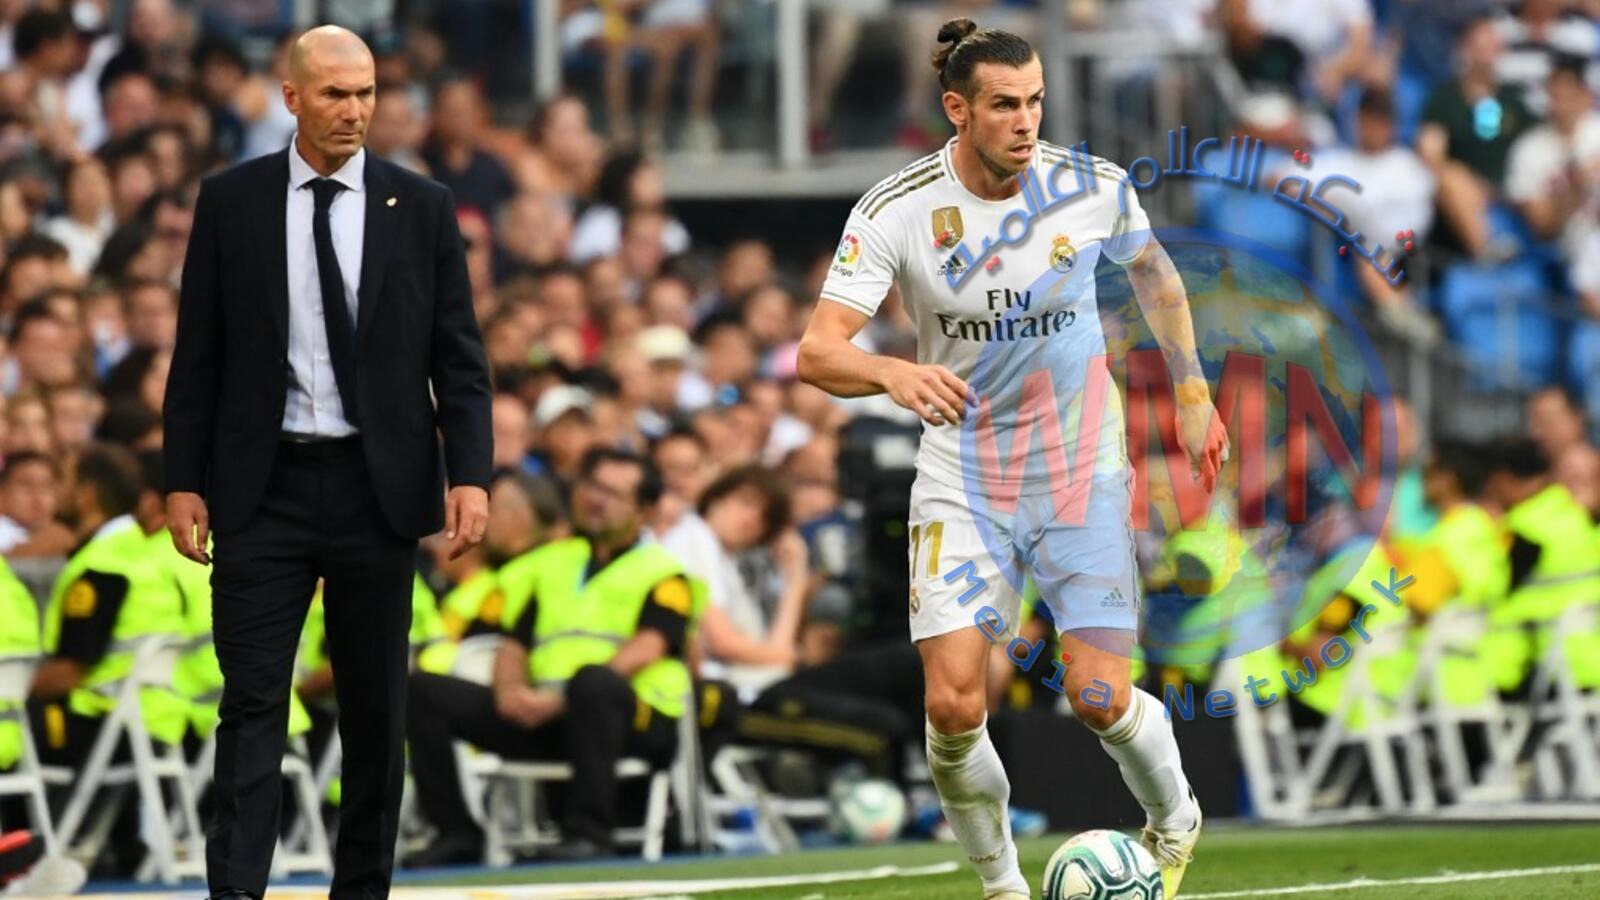 بايل: صعوباتي مع ريال مدريد جعلتني أقوى